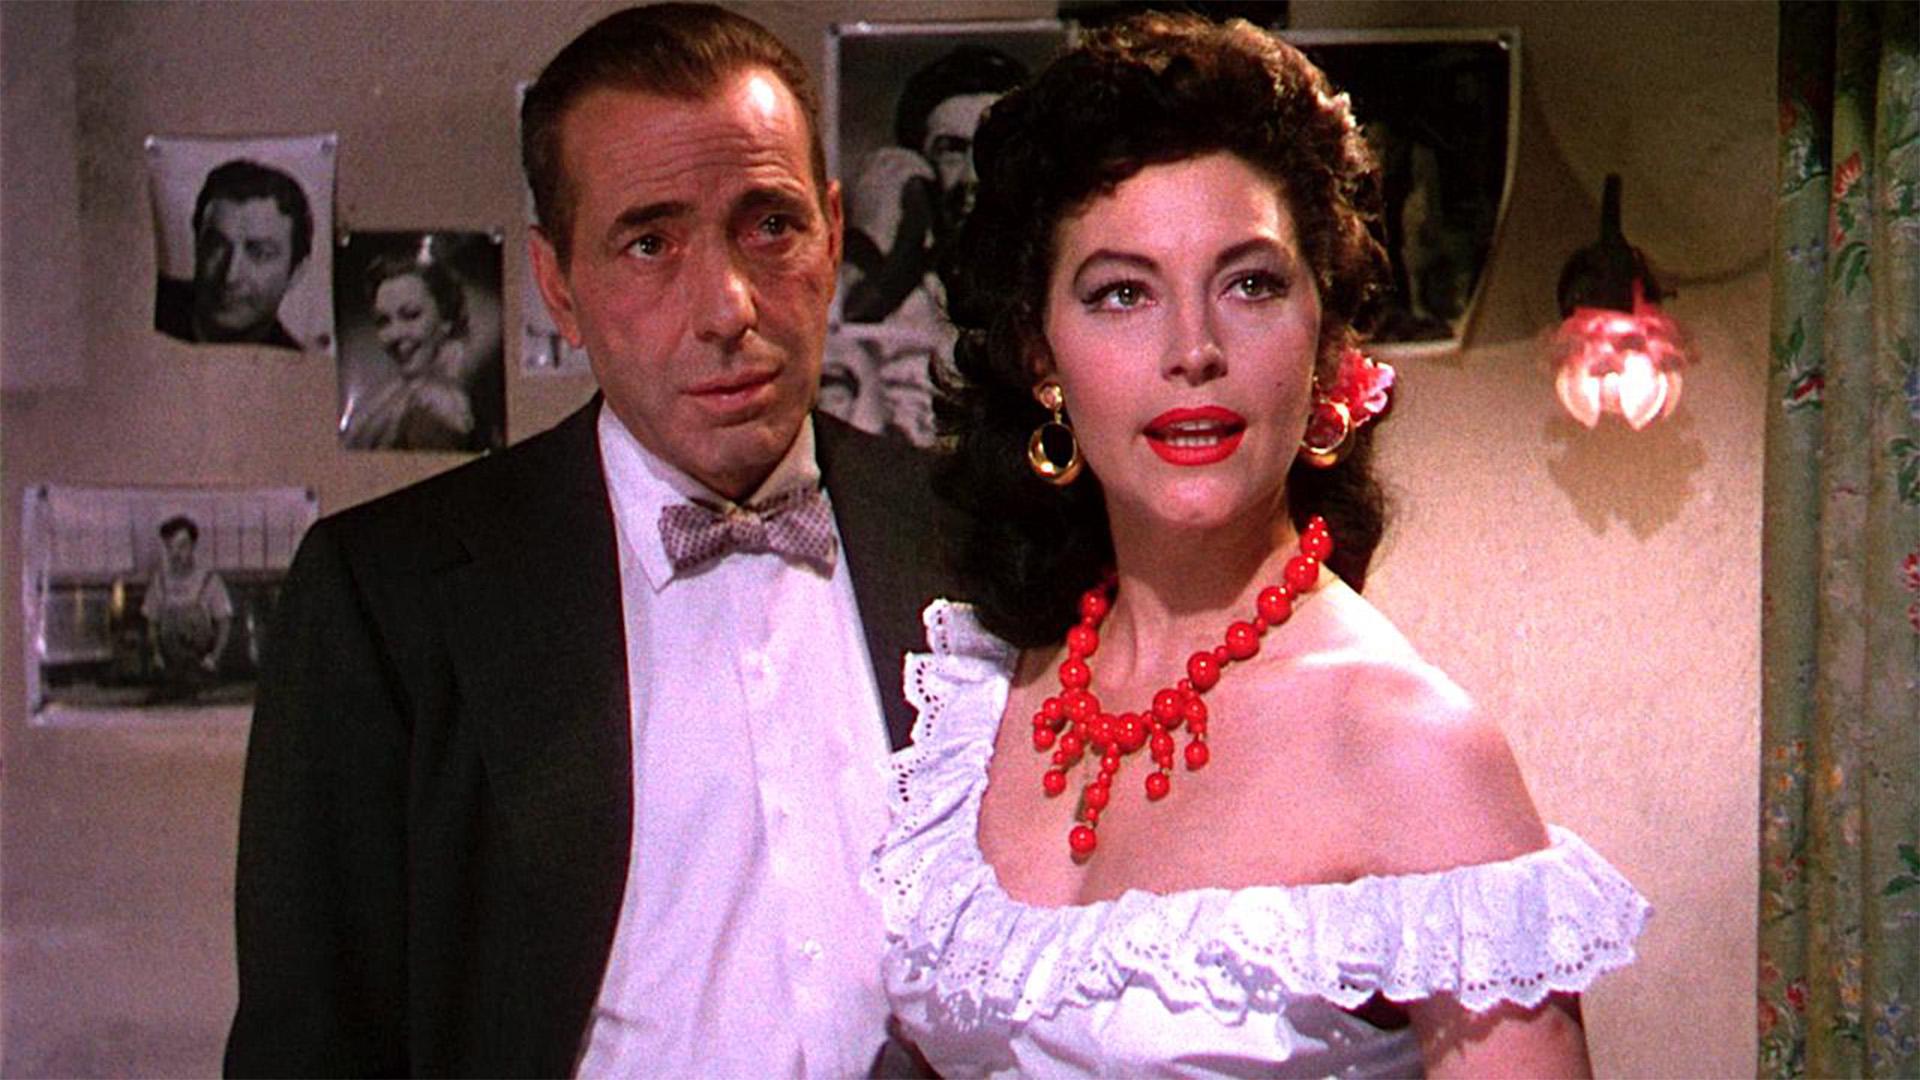 The Barefoot Contessa Official Trailer #1 - Humphrey Bogart Movie (1954) HD